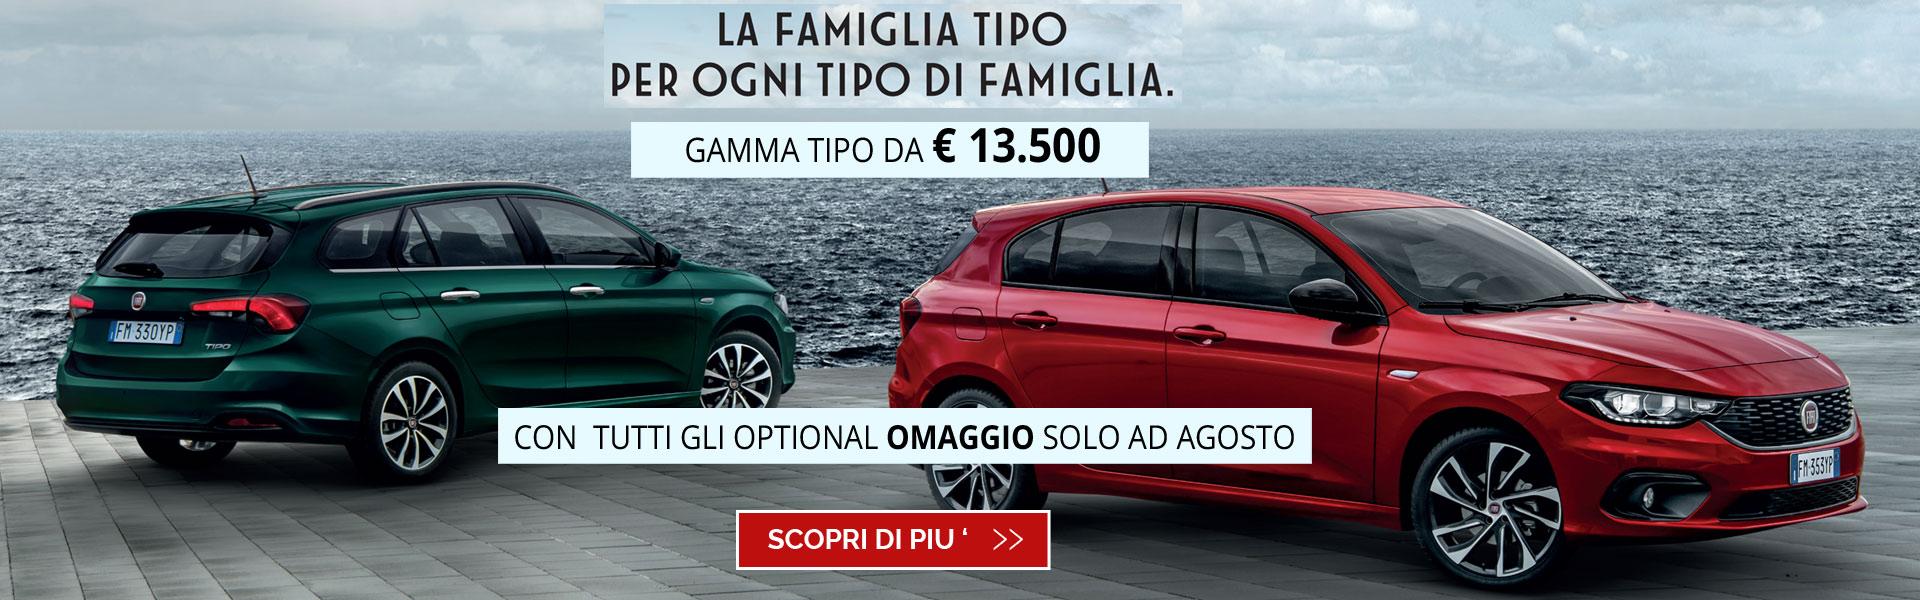 Gamma TIPO da 13.550 euro